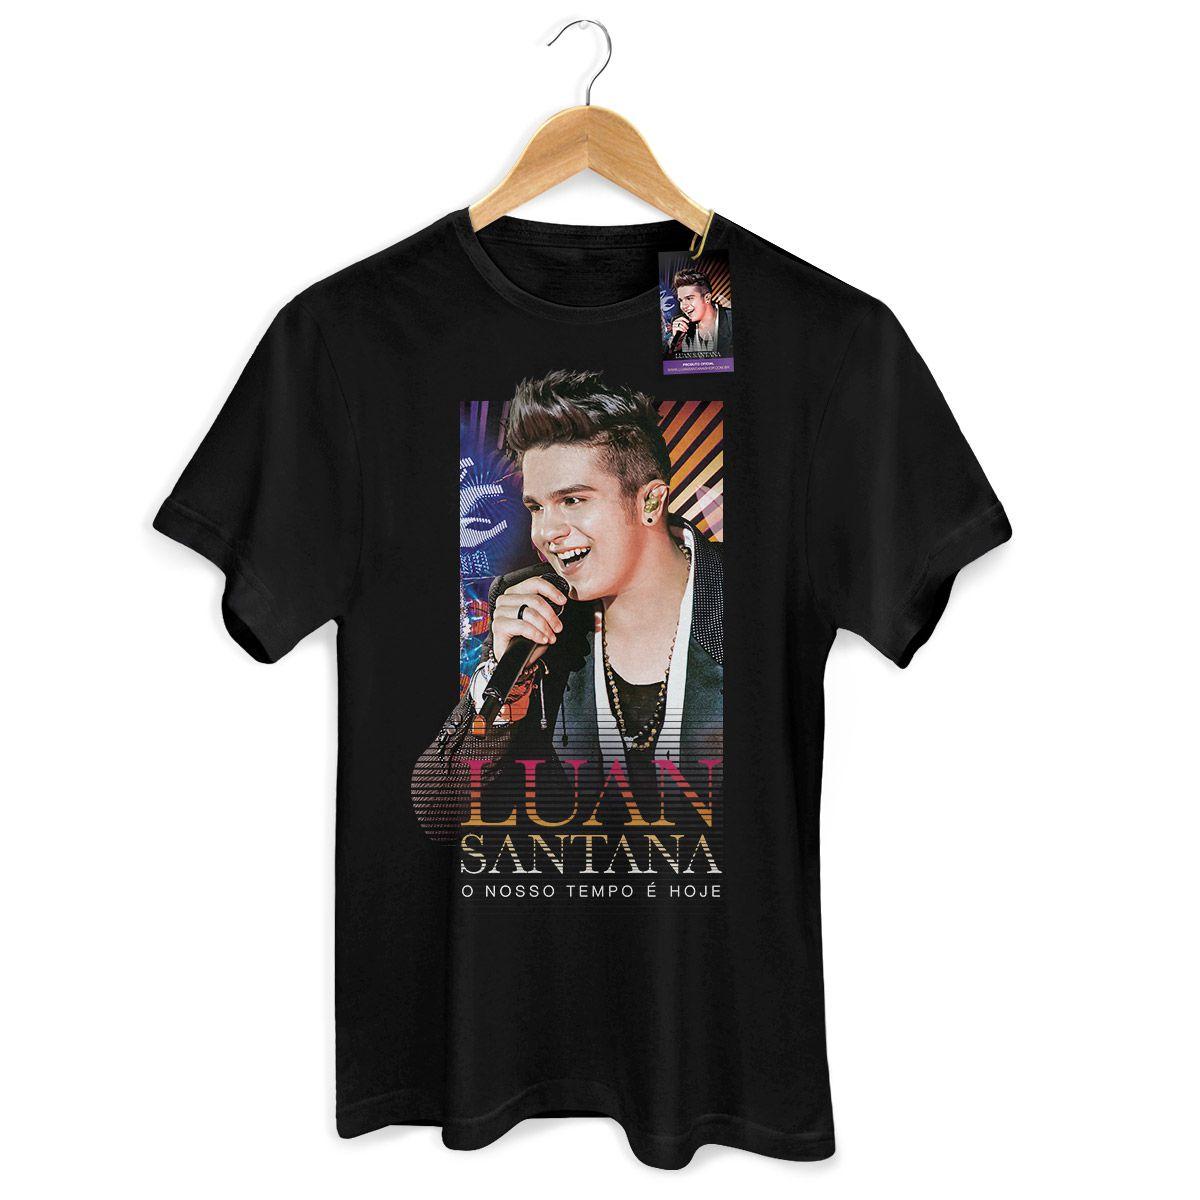 Camiseta Masculina Luan Santana - O Nosso Tempo é Hoje Modelo 2